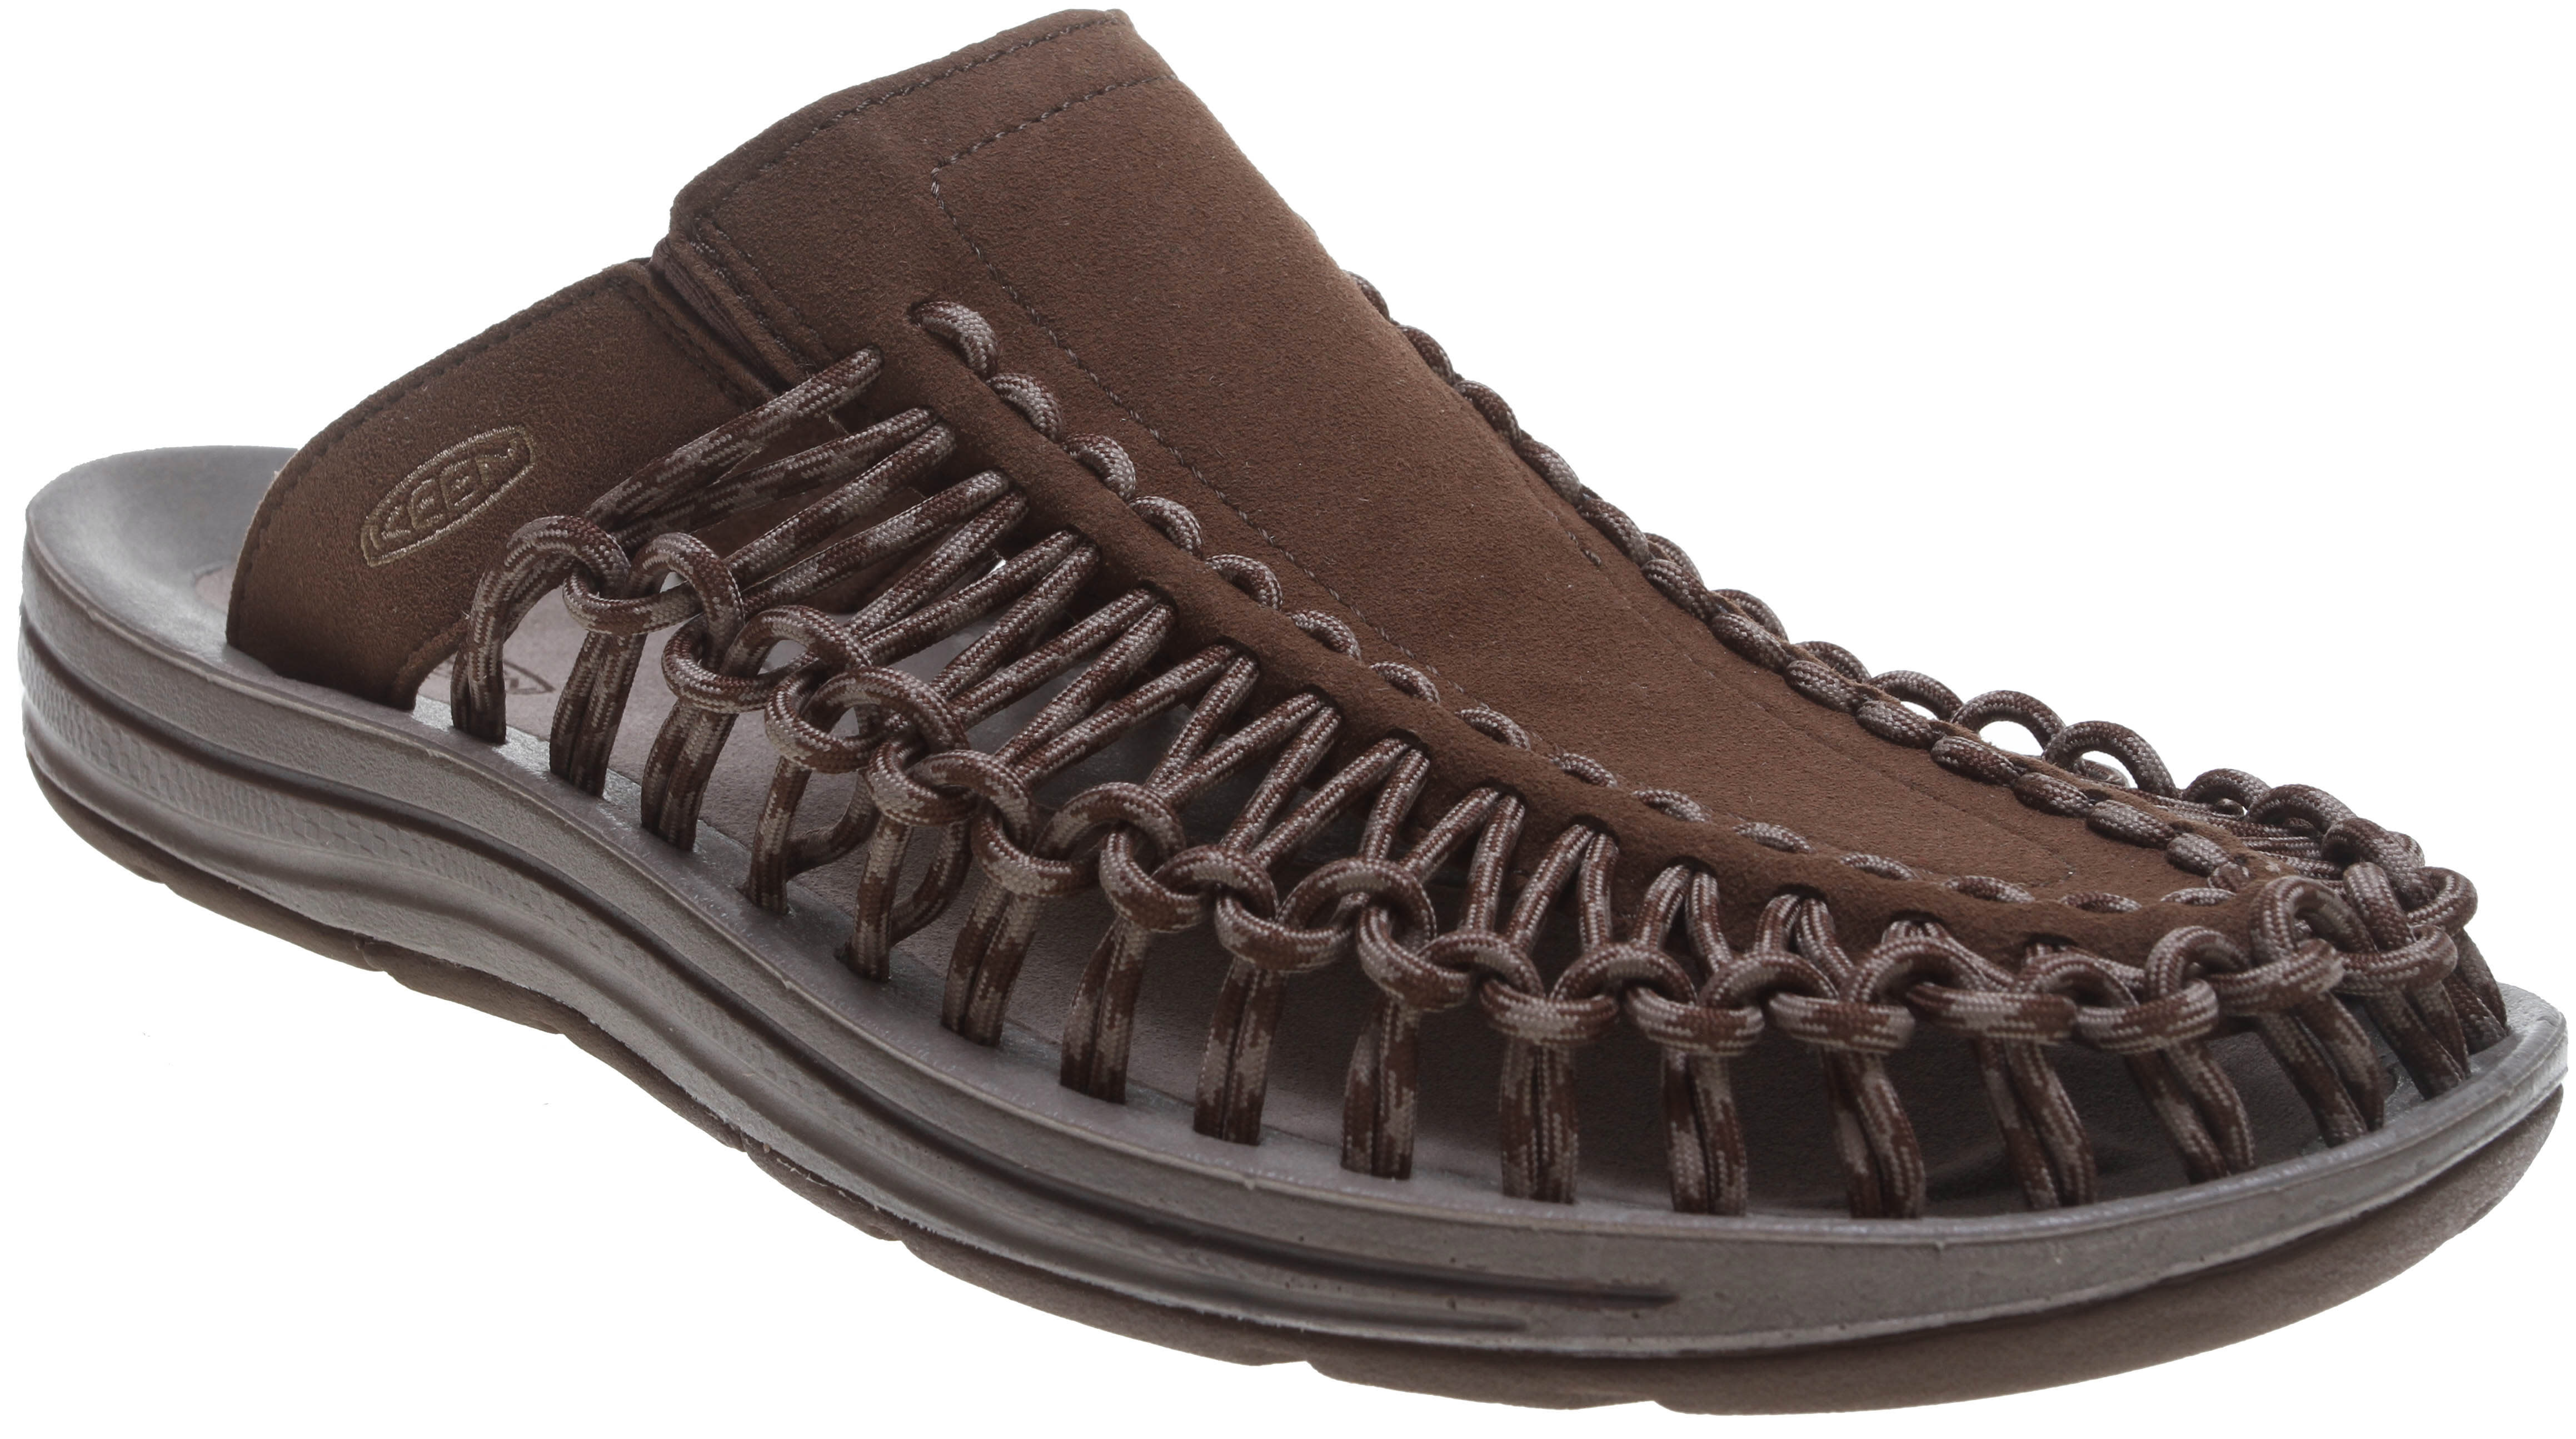 fd9b8c999f50 Keen Uneek Slide Sandals - thumbnail 2